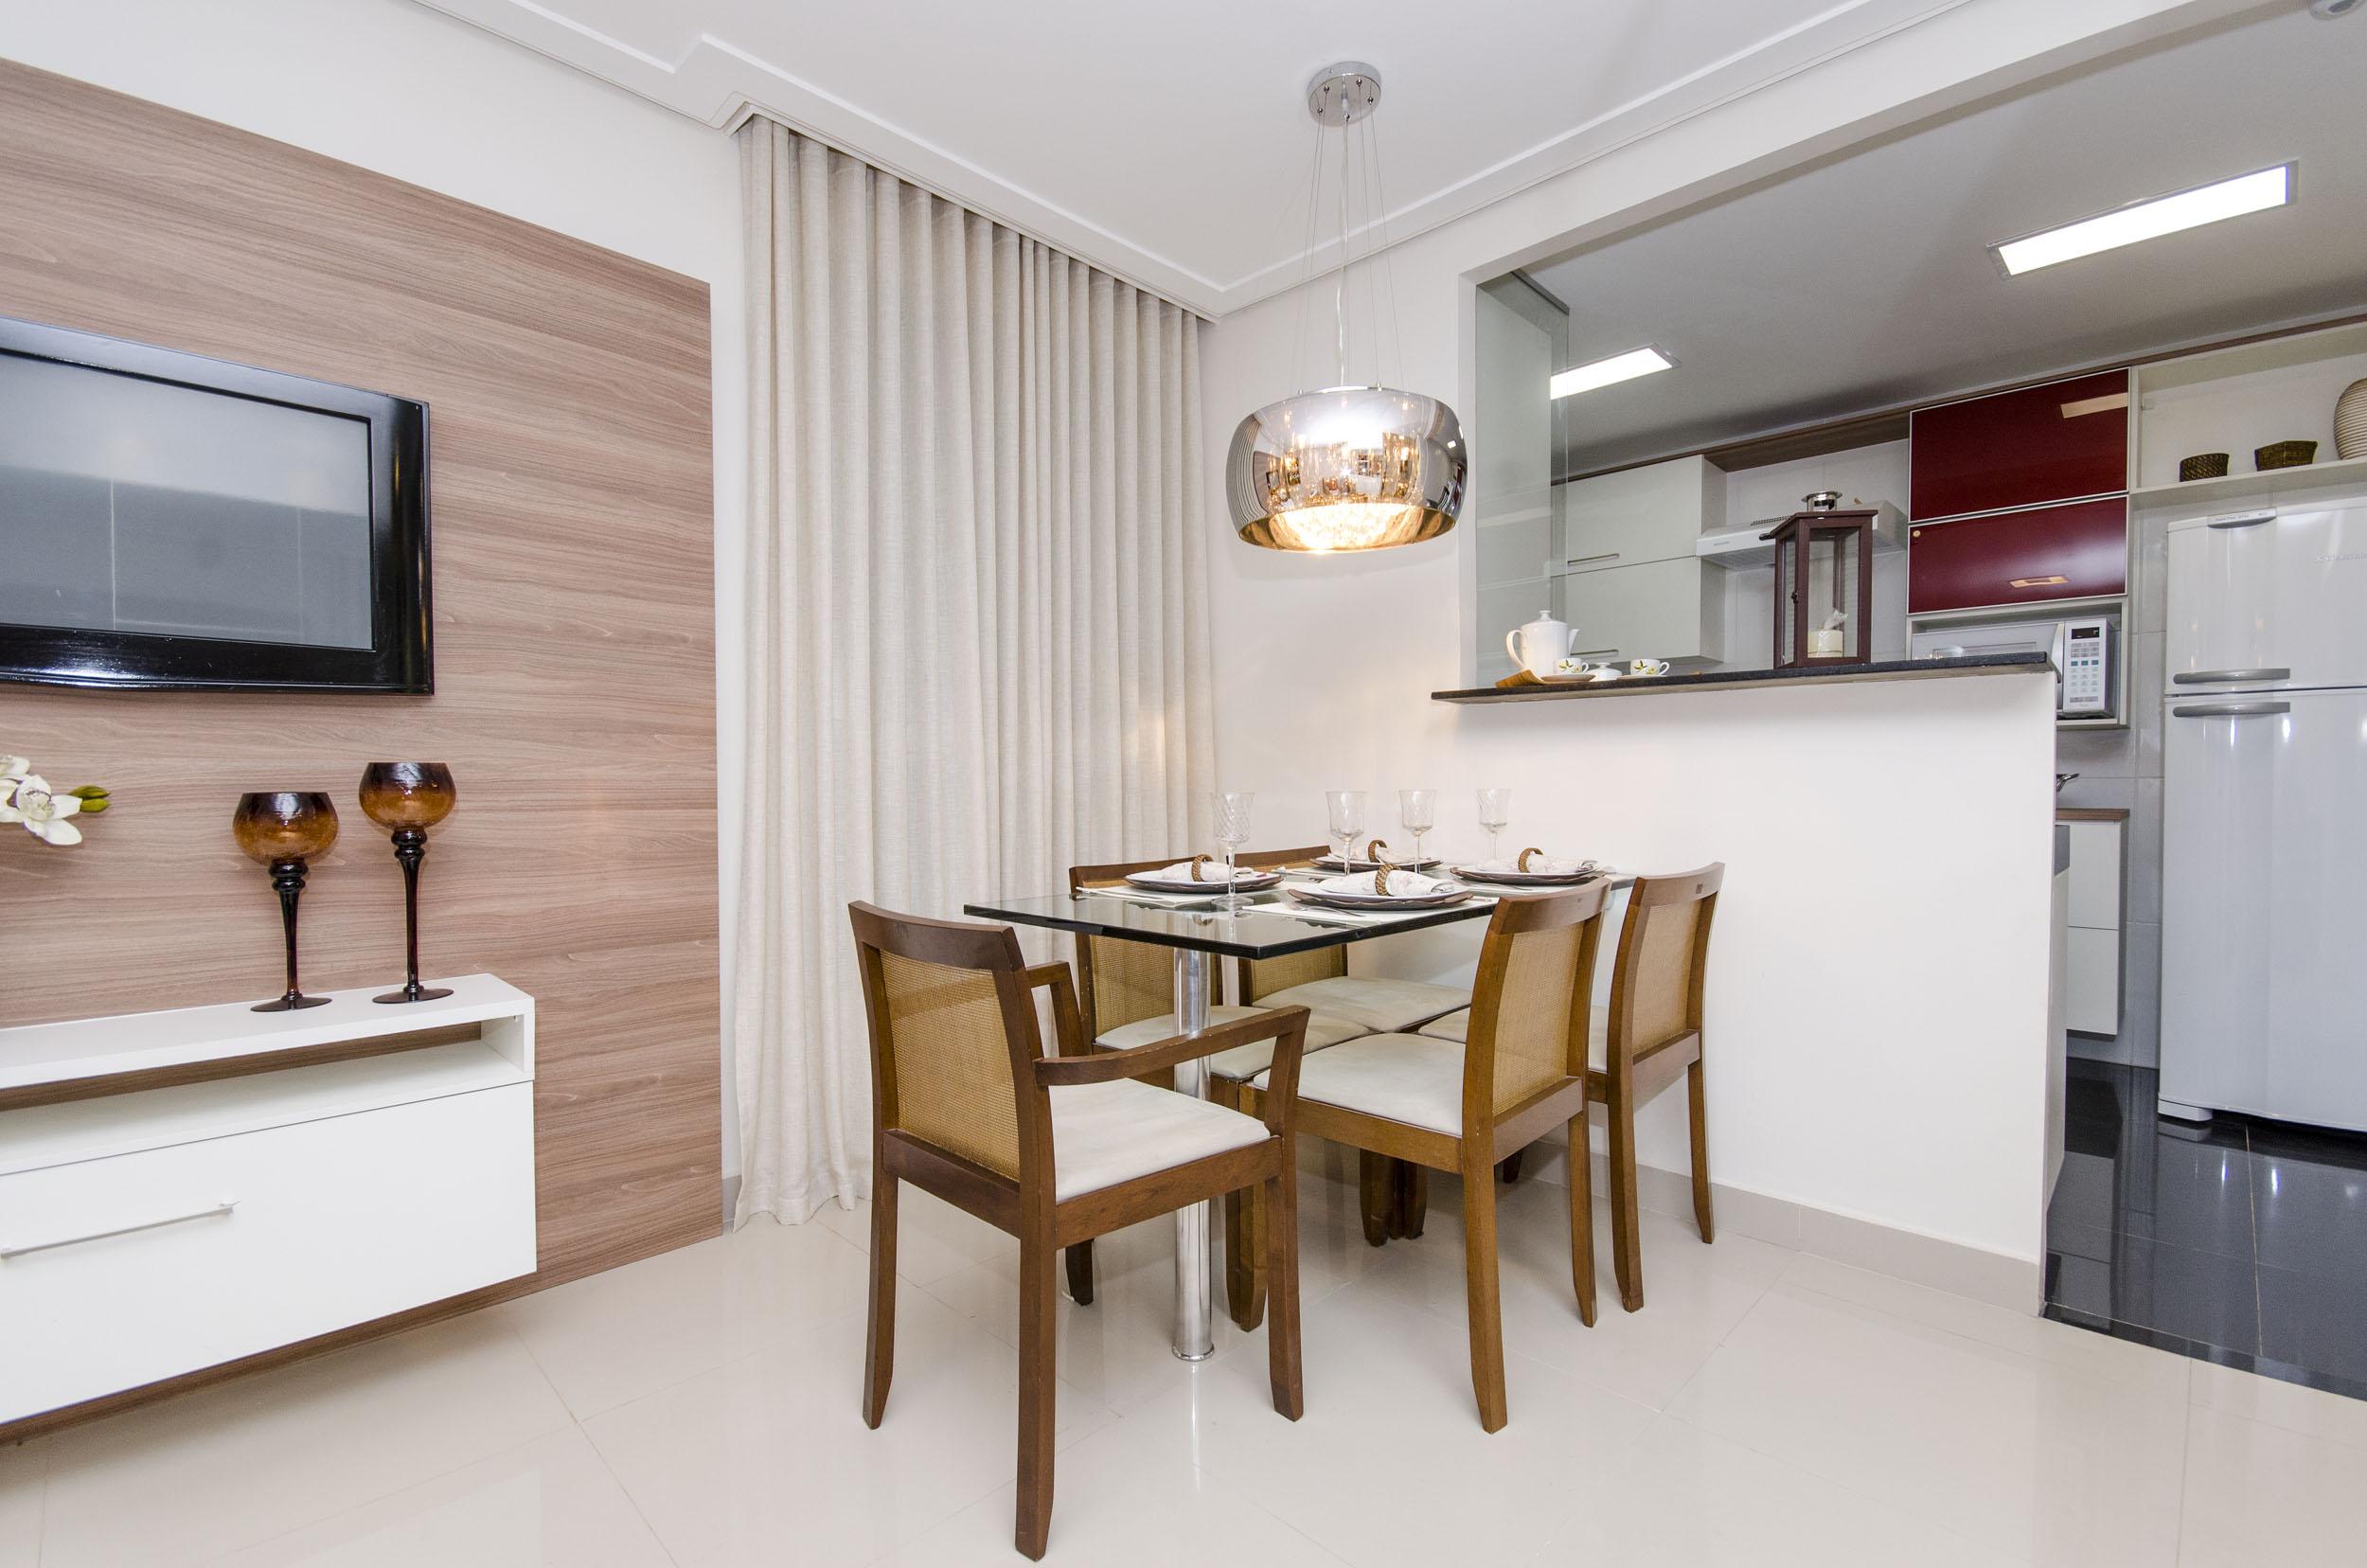 #654429 Aprenda a decorar uma sala de jantar pequena Blog Corporativo MRV  2500x1656 píxeis em Como Decorar Sala De Jantar Pequena